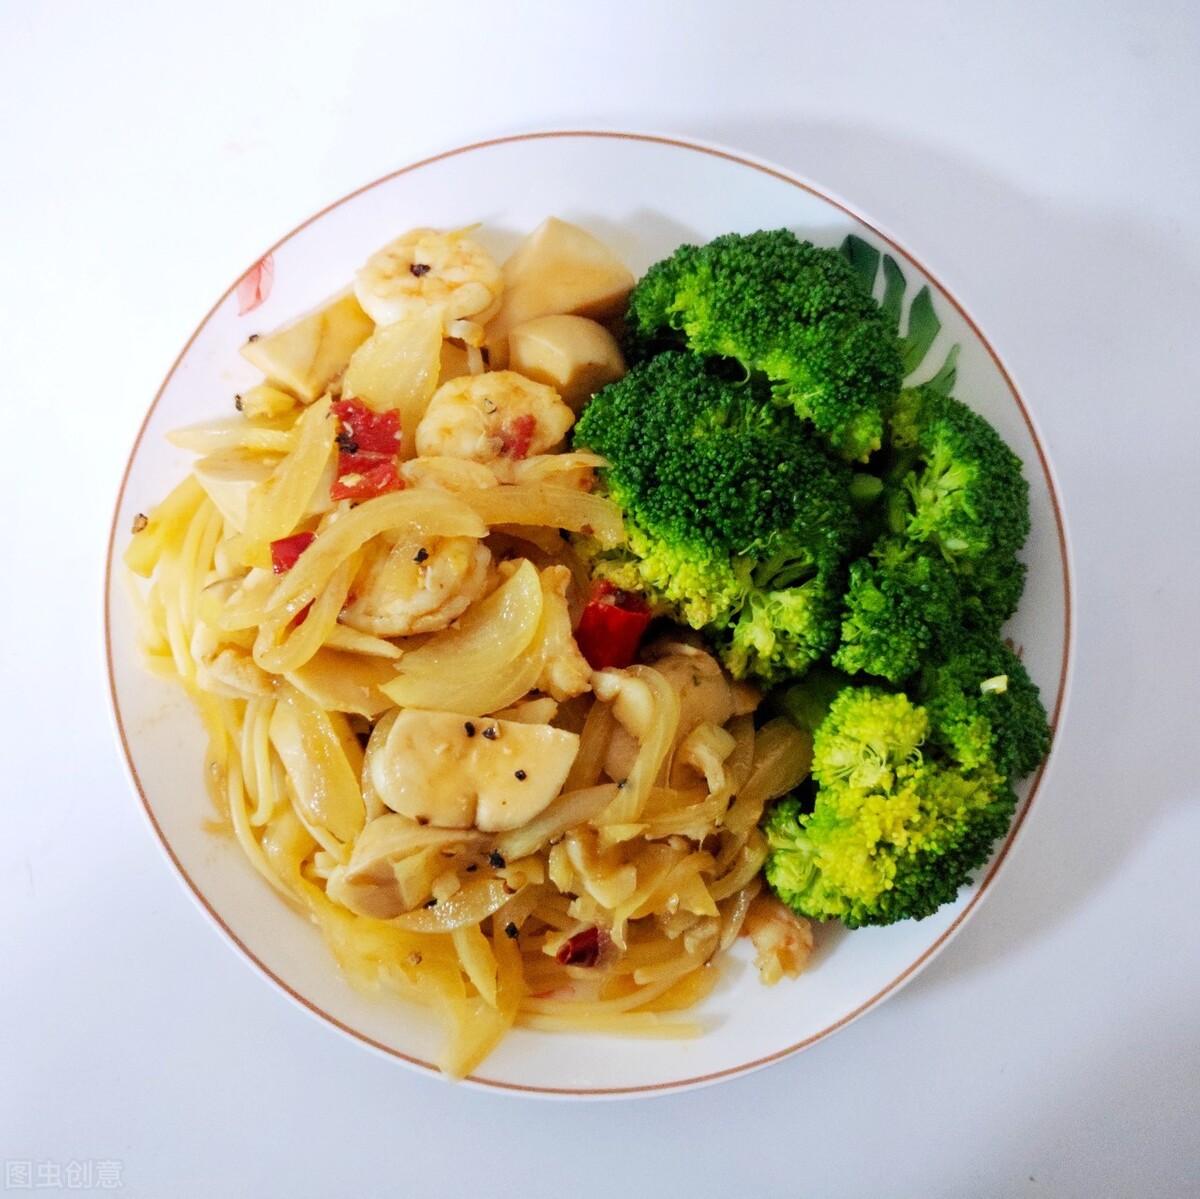 科学的减脂餐,牢记3个原则!附:一日三餐减肥食谱 减肥菜谱 第2张